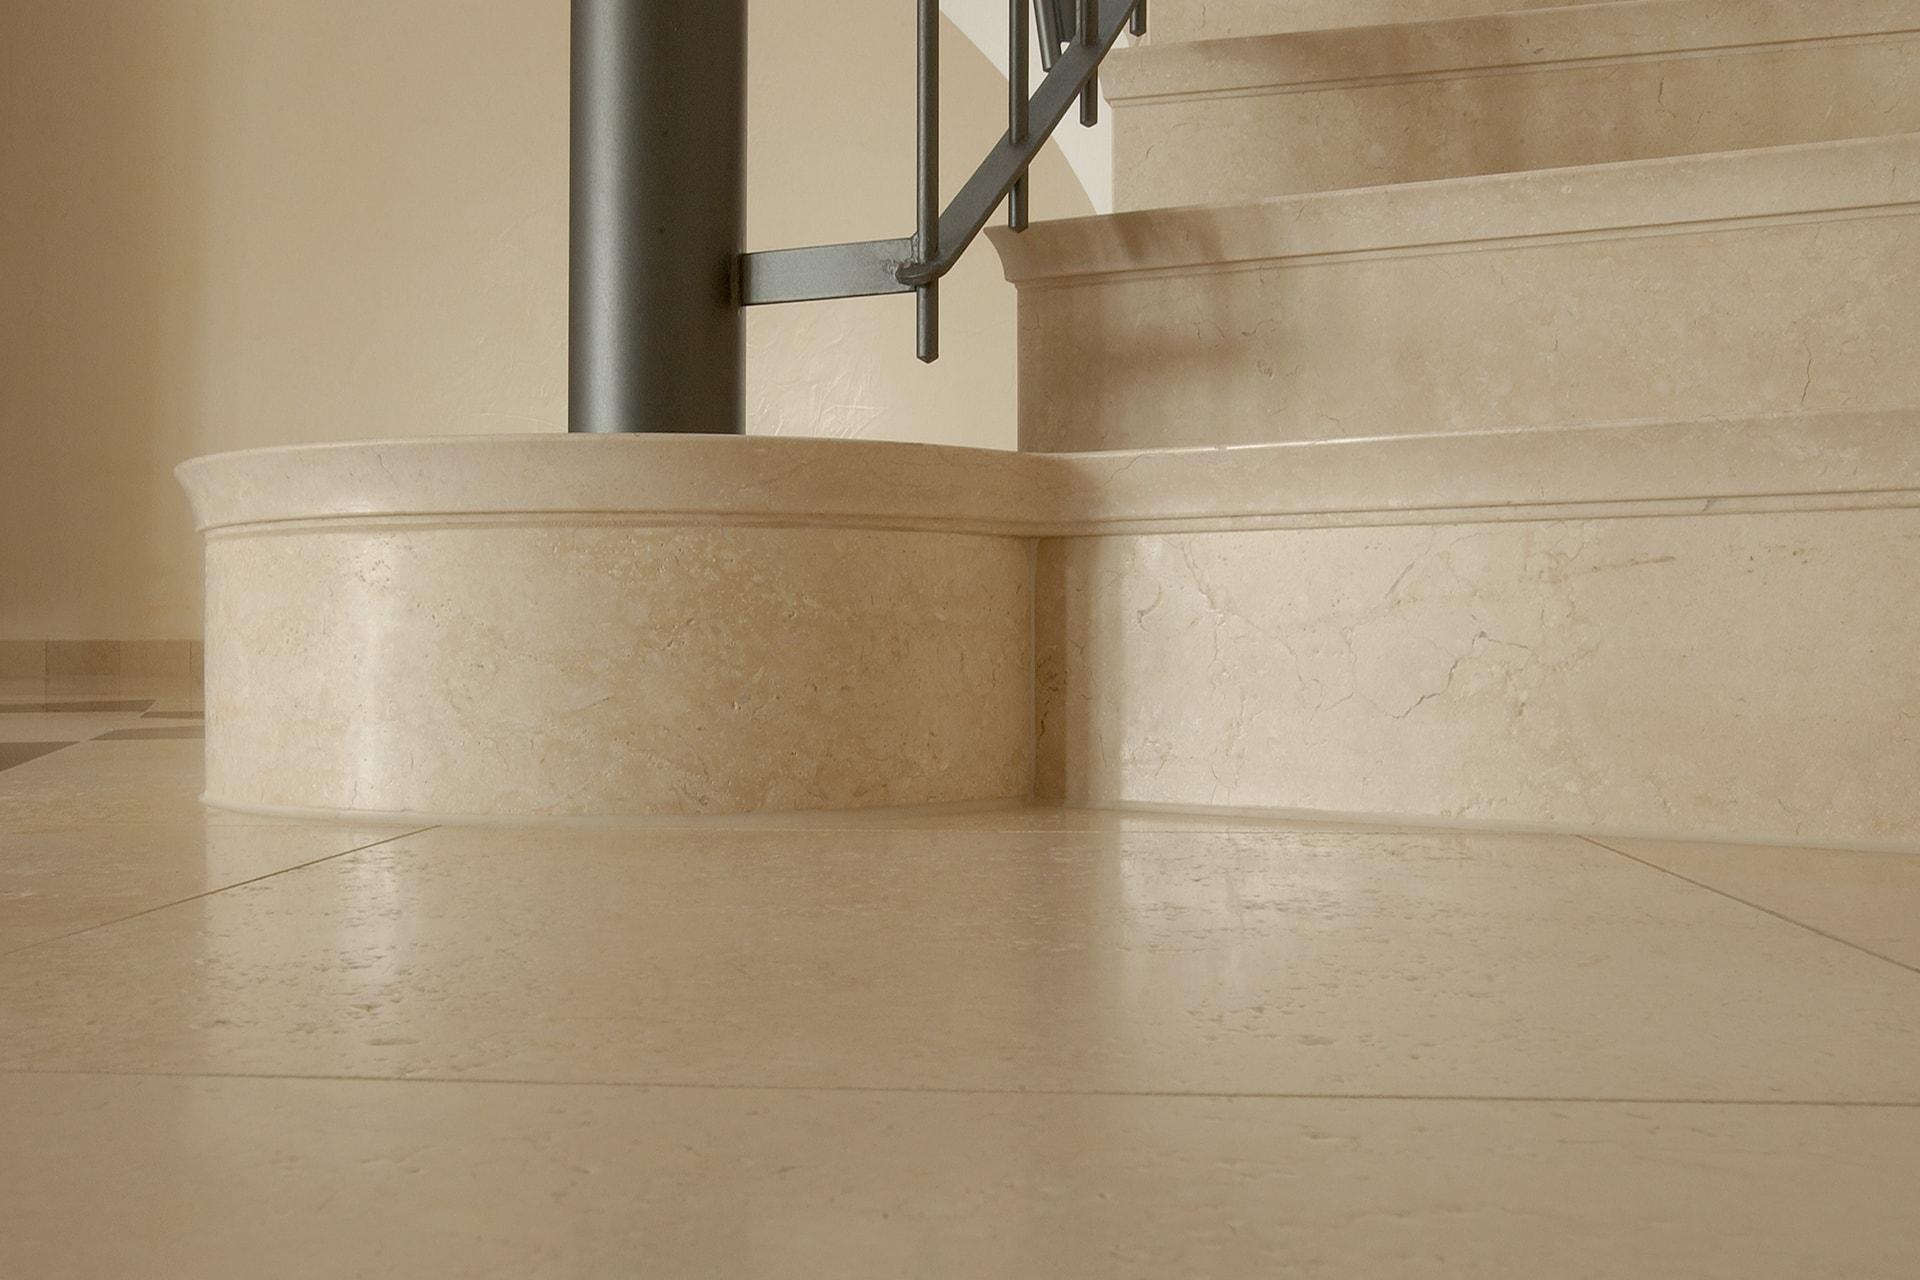 Treppenansatz: Bodenbelag und massive Treppenstufen aus ägyptischem Kalkstein